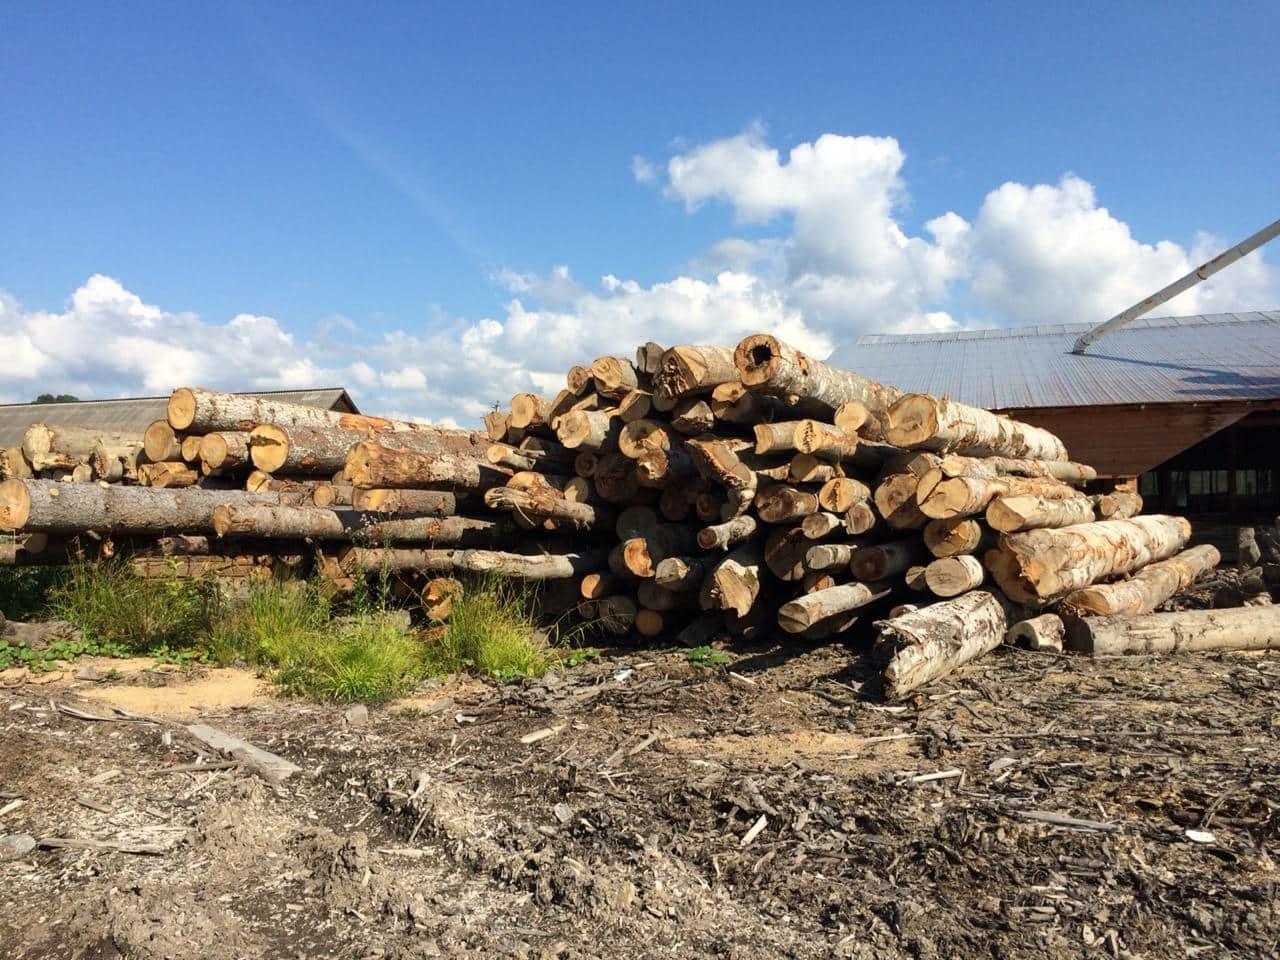 На Закарпатті СБУ викрило лісництво на розкраданні деревини - лісничому оголосили підозру (ФОТО), фото-1